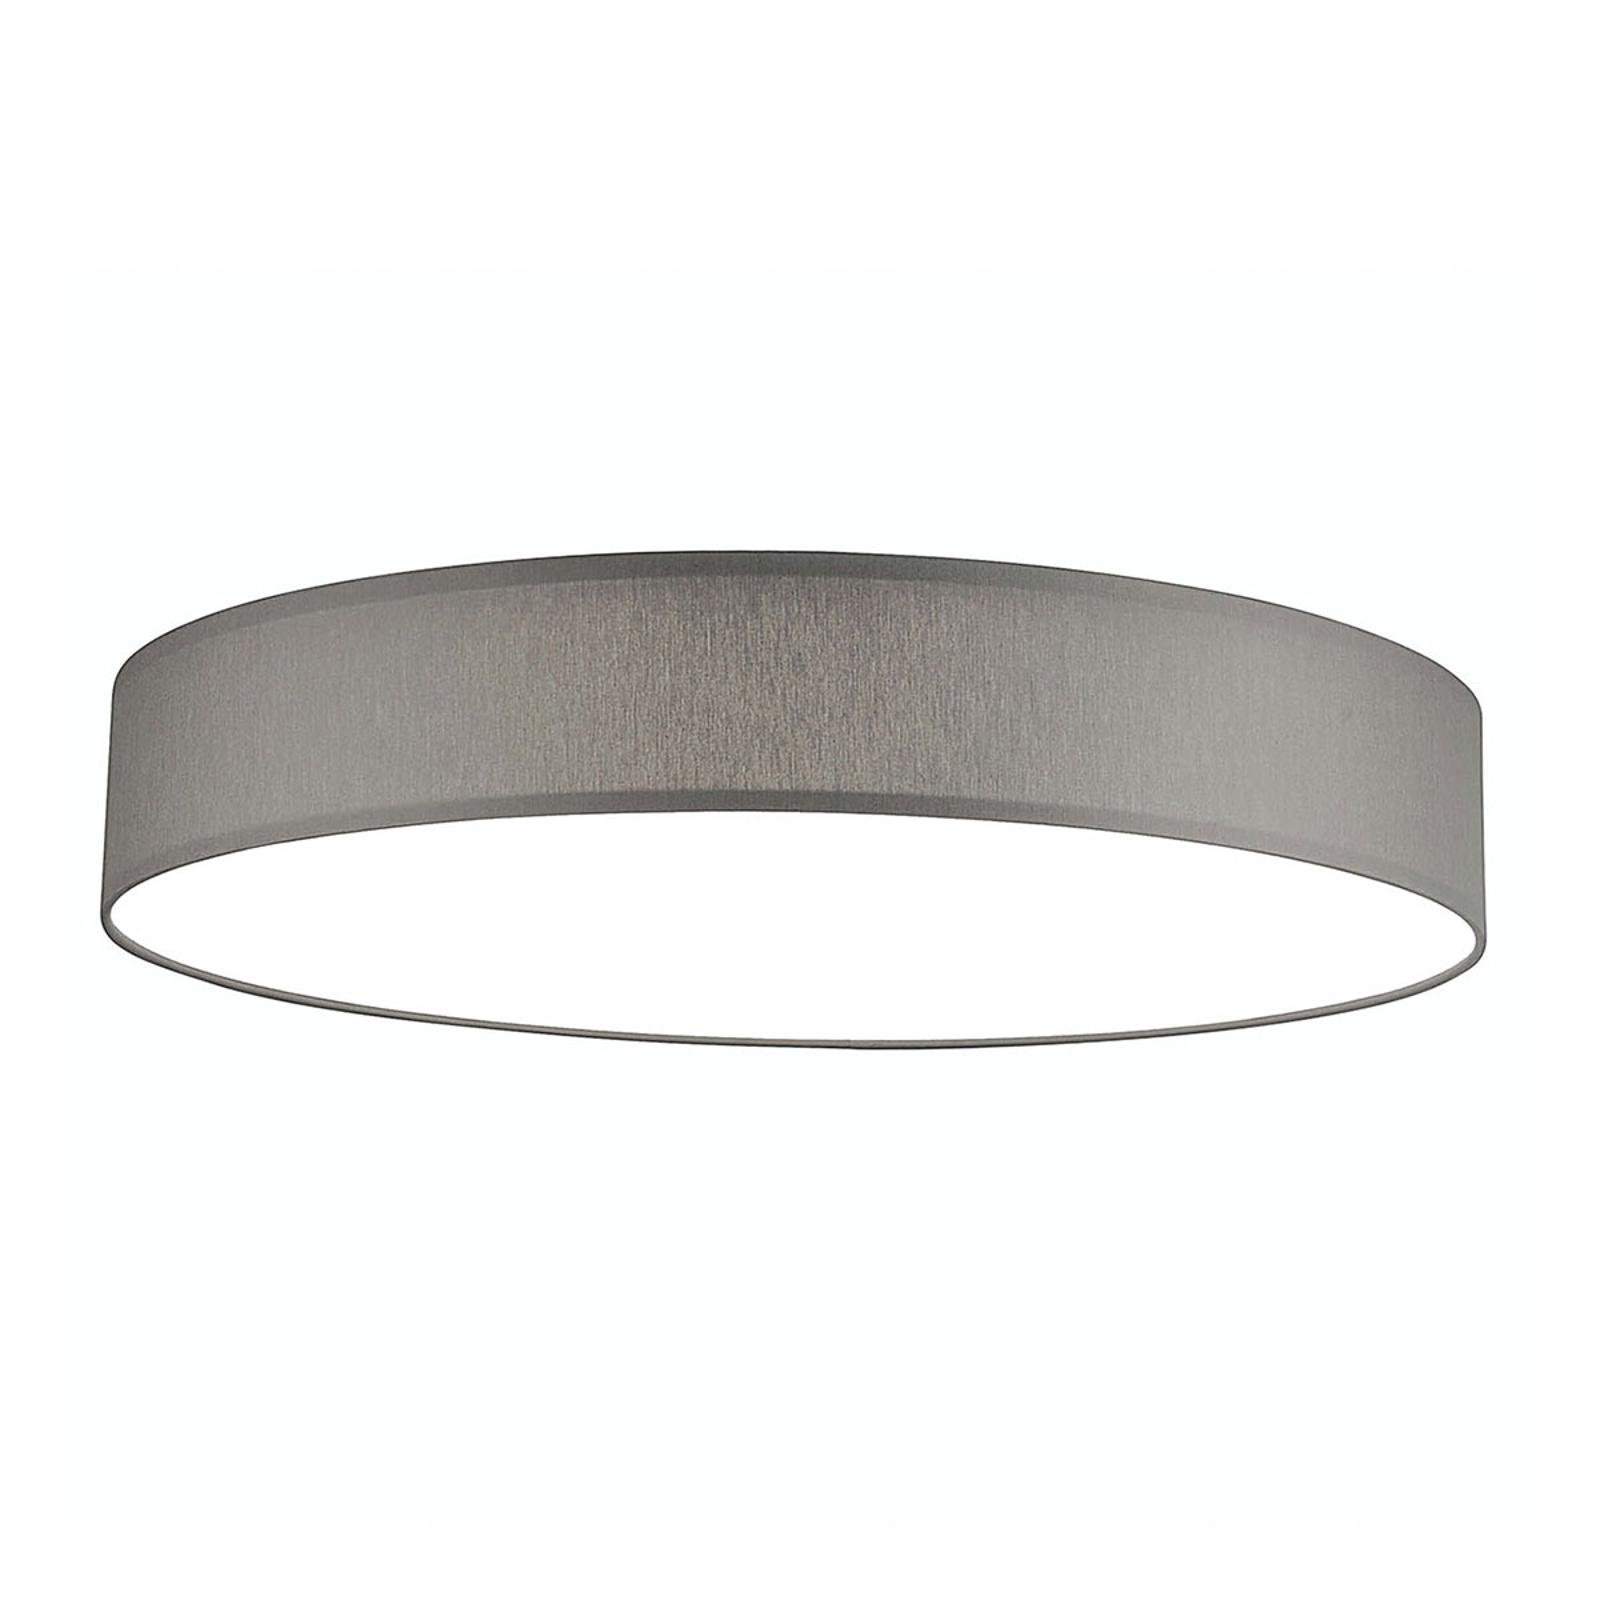 Plafonnier LED Luno XL 3000K 60W gris clair